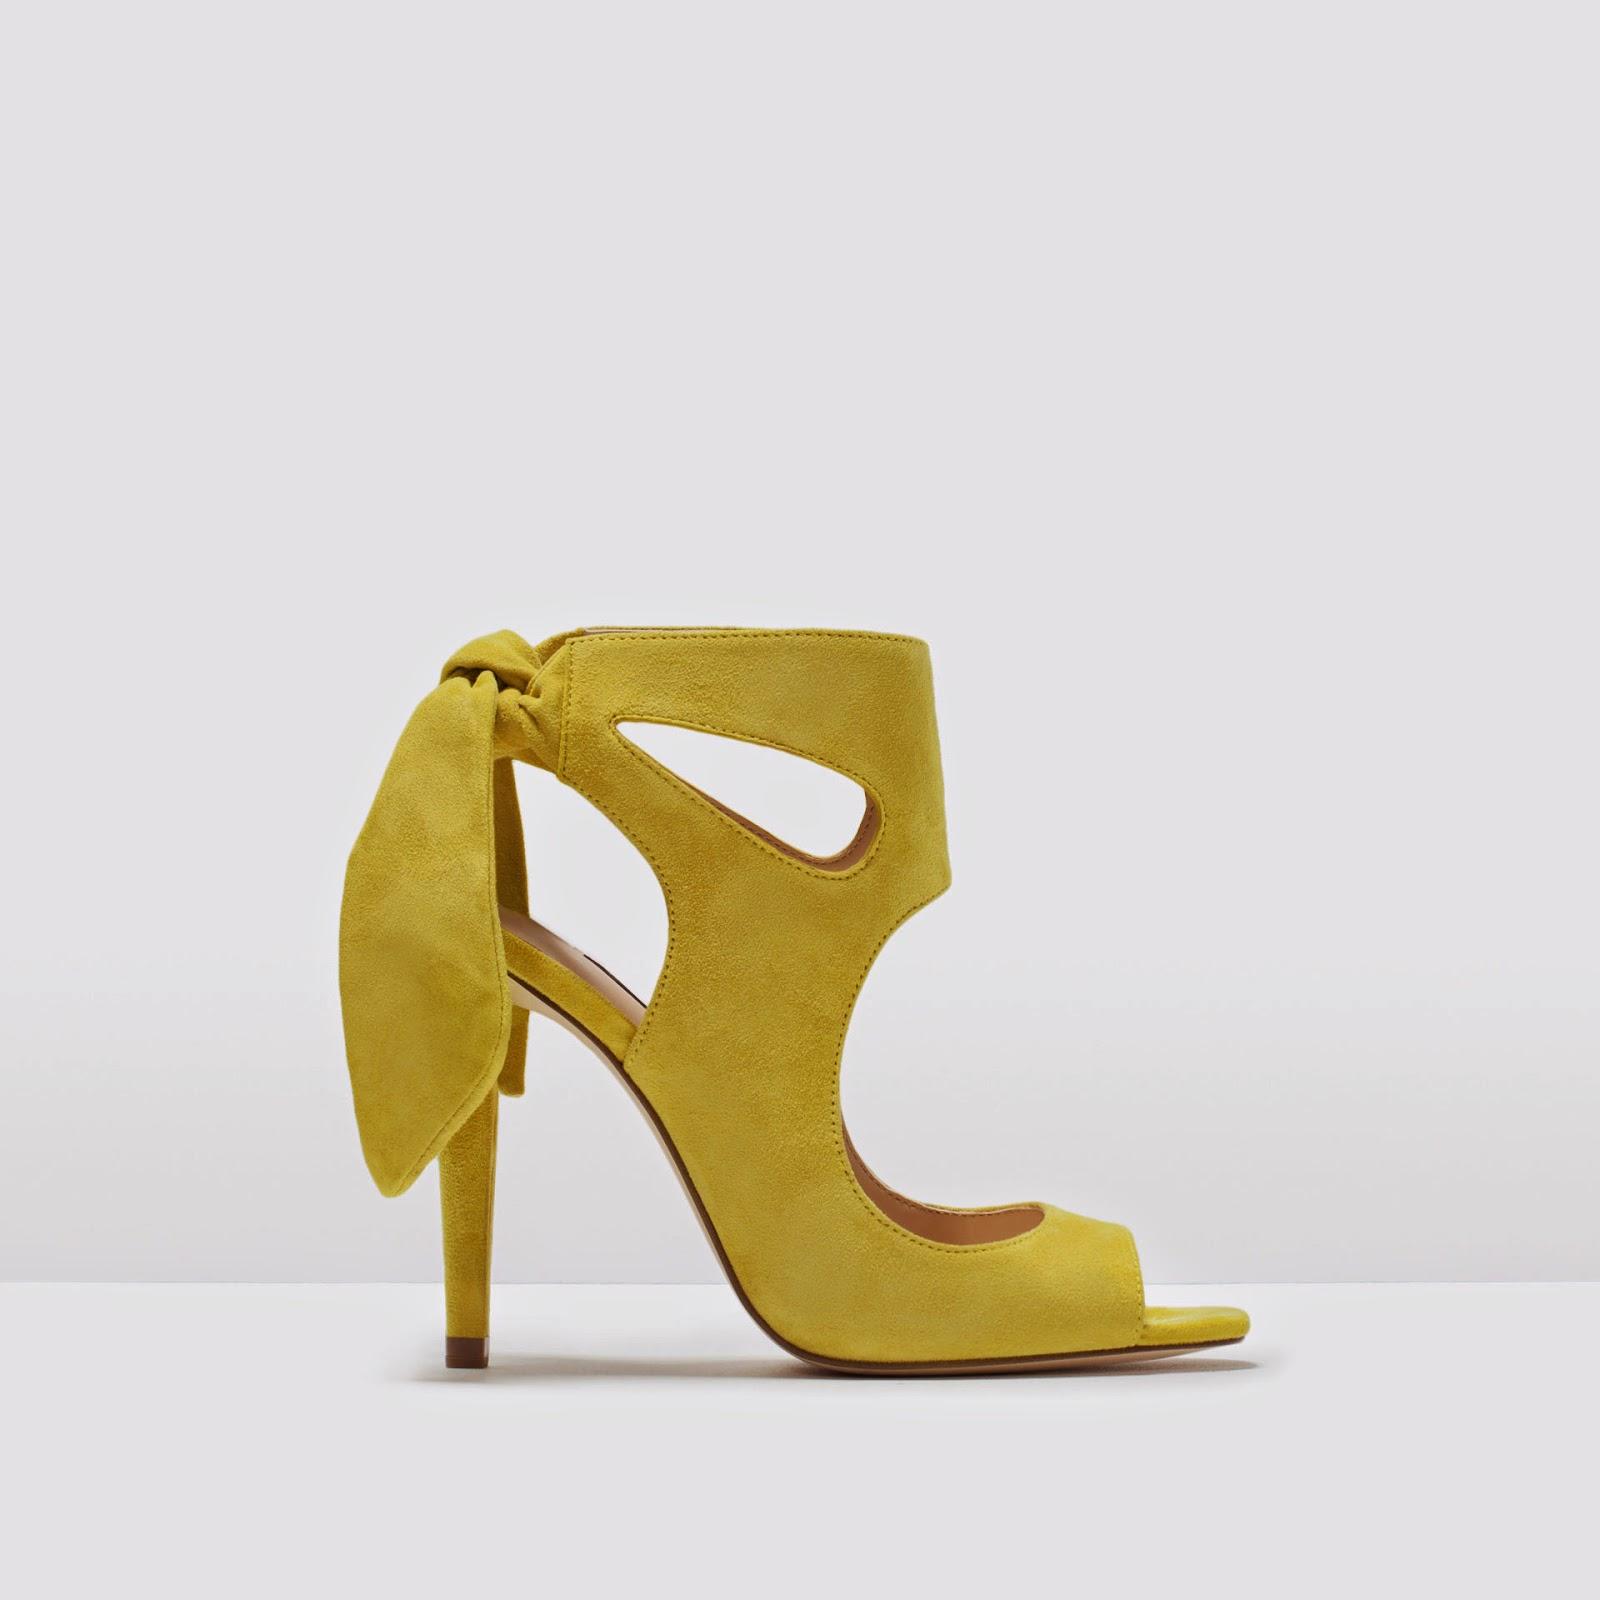 Sandalias amarillas lazo trasero Zara. Sandalias lazo detrás Zara. Clon Stella Jean- Zara. Clones en Zara. Sandalias amarillas zara. Zapatos Amarillos zara